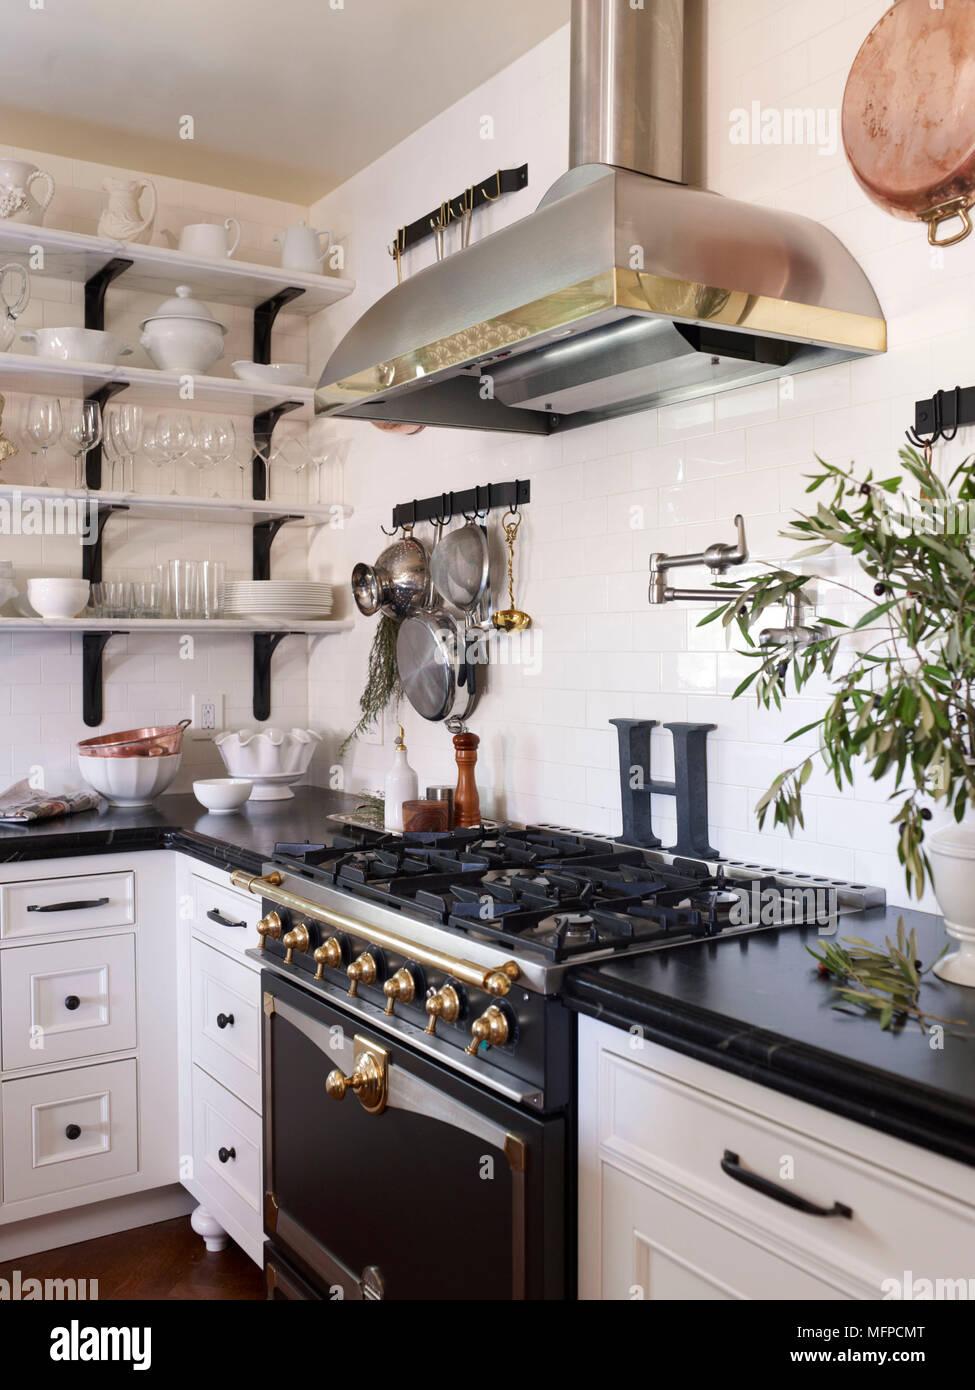 Cappa sopra la gamma forno con piano cottura a gas in un angolo del ...